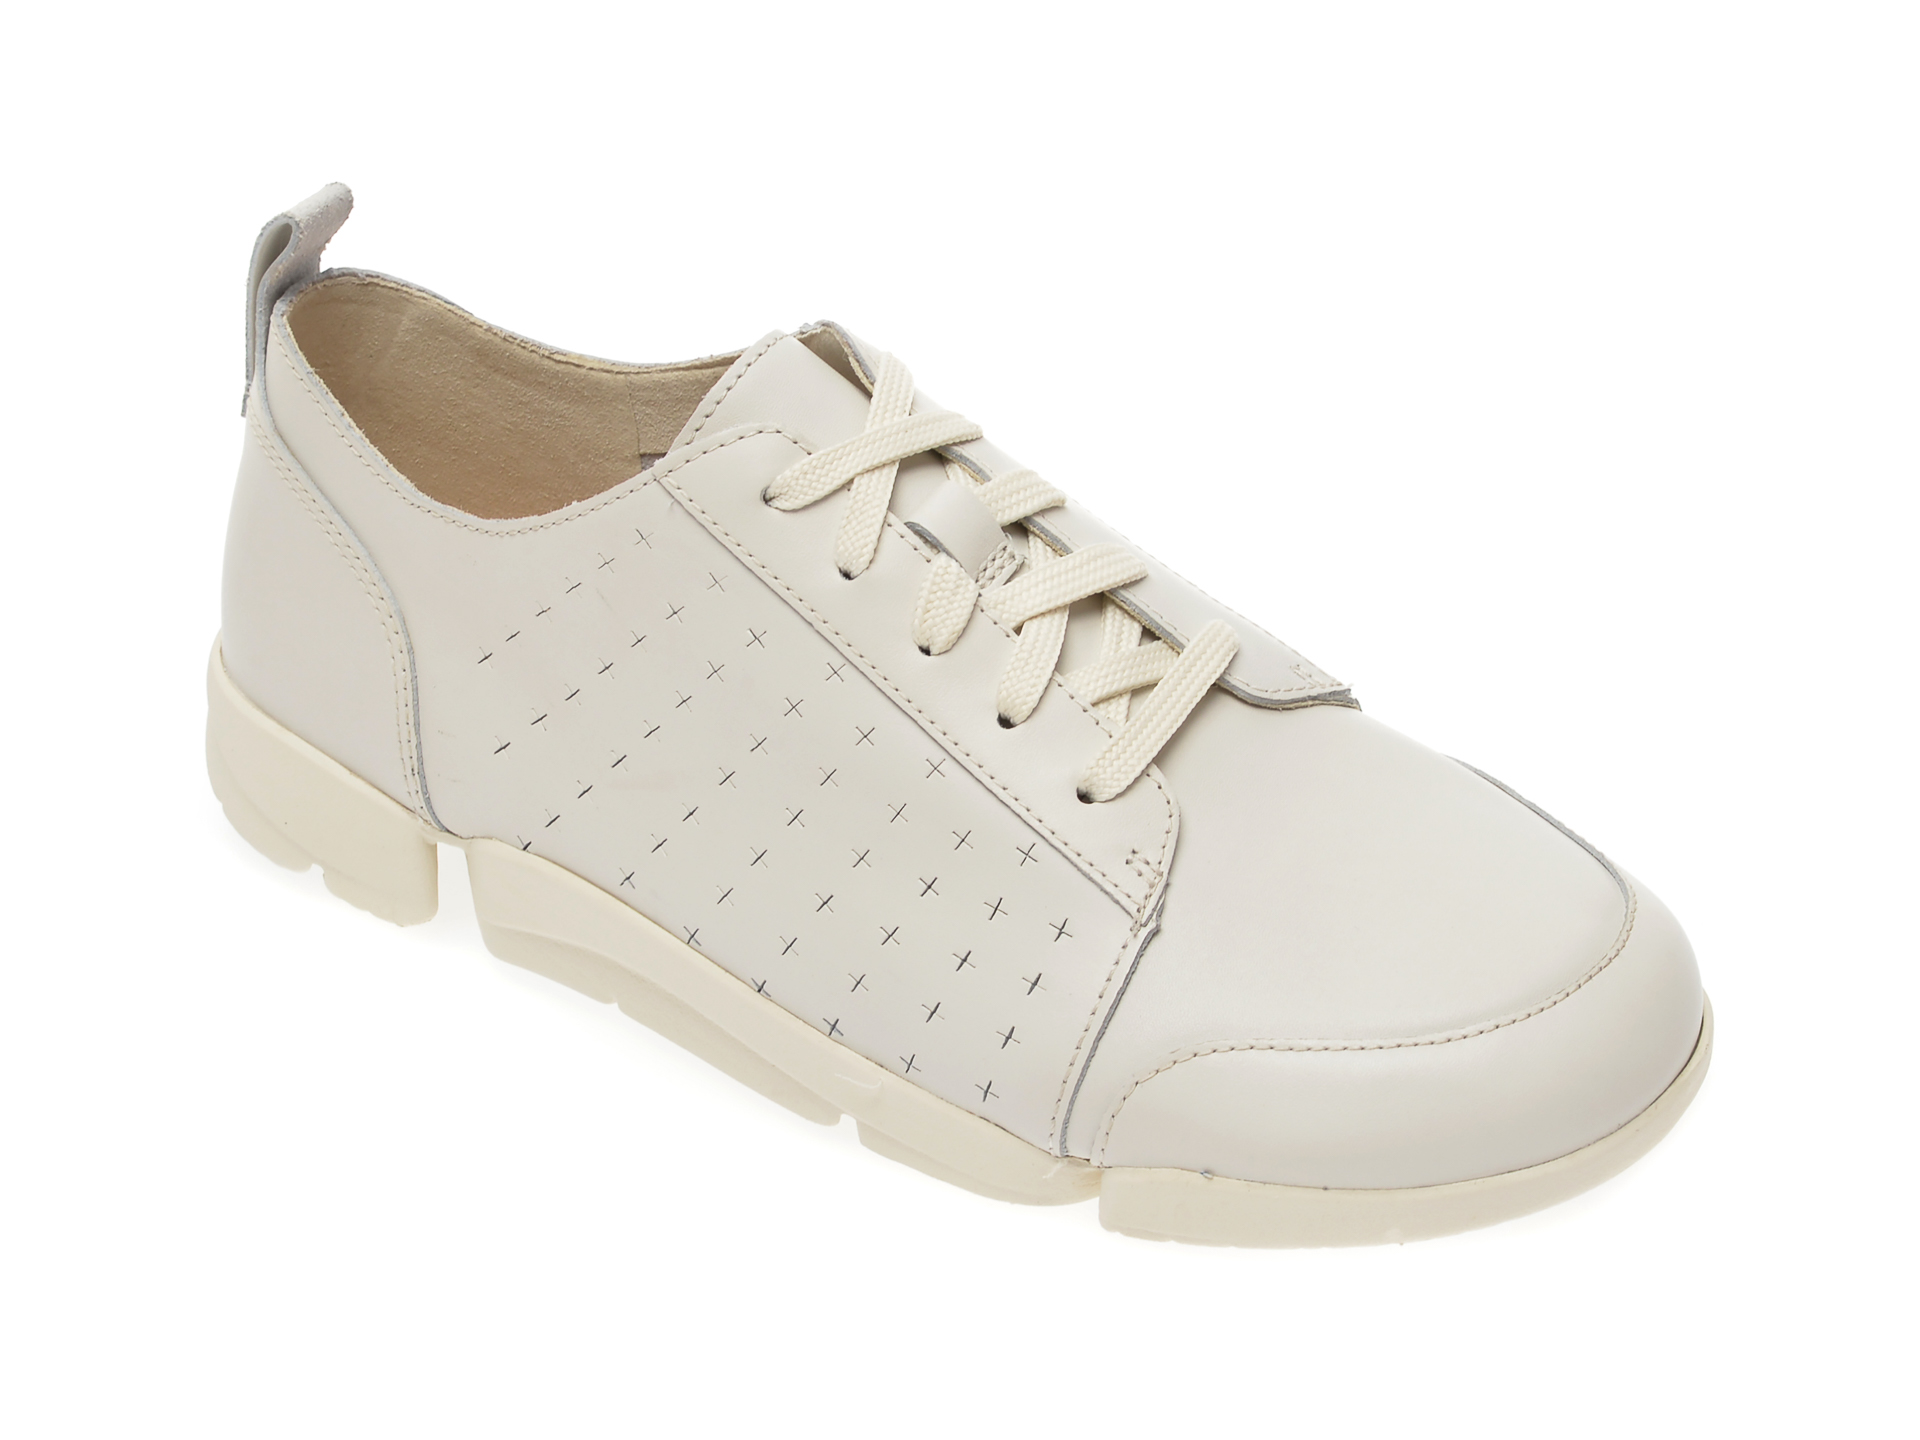 Pantofi CLARKS albi, Un Rio Tie, din piele naturala